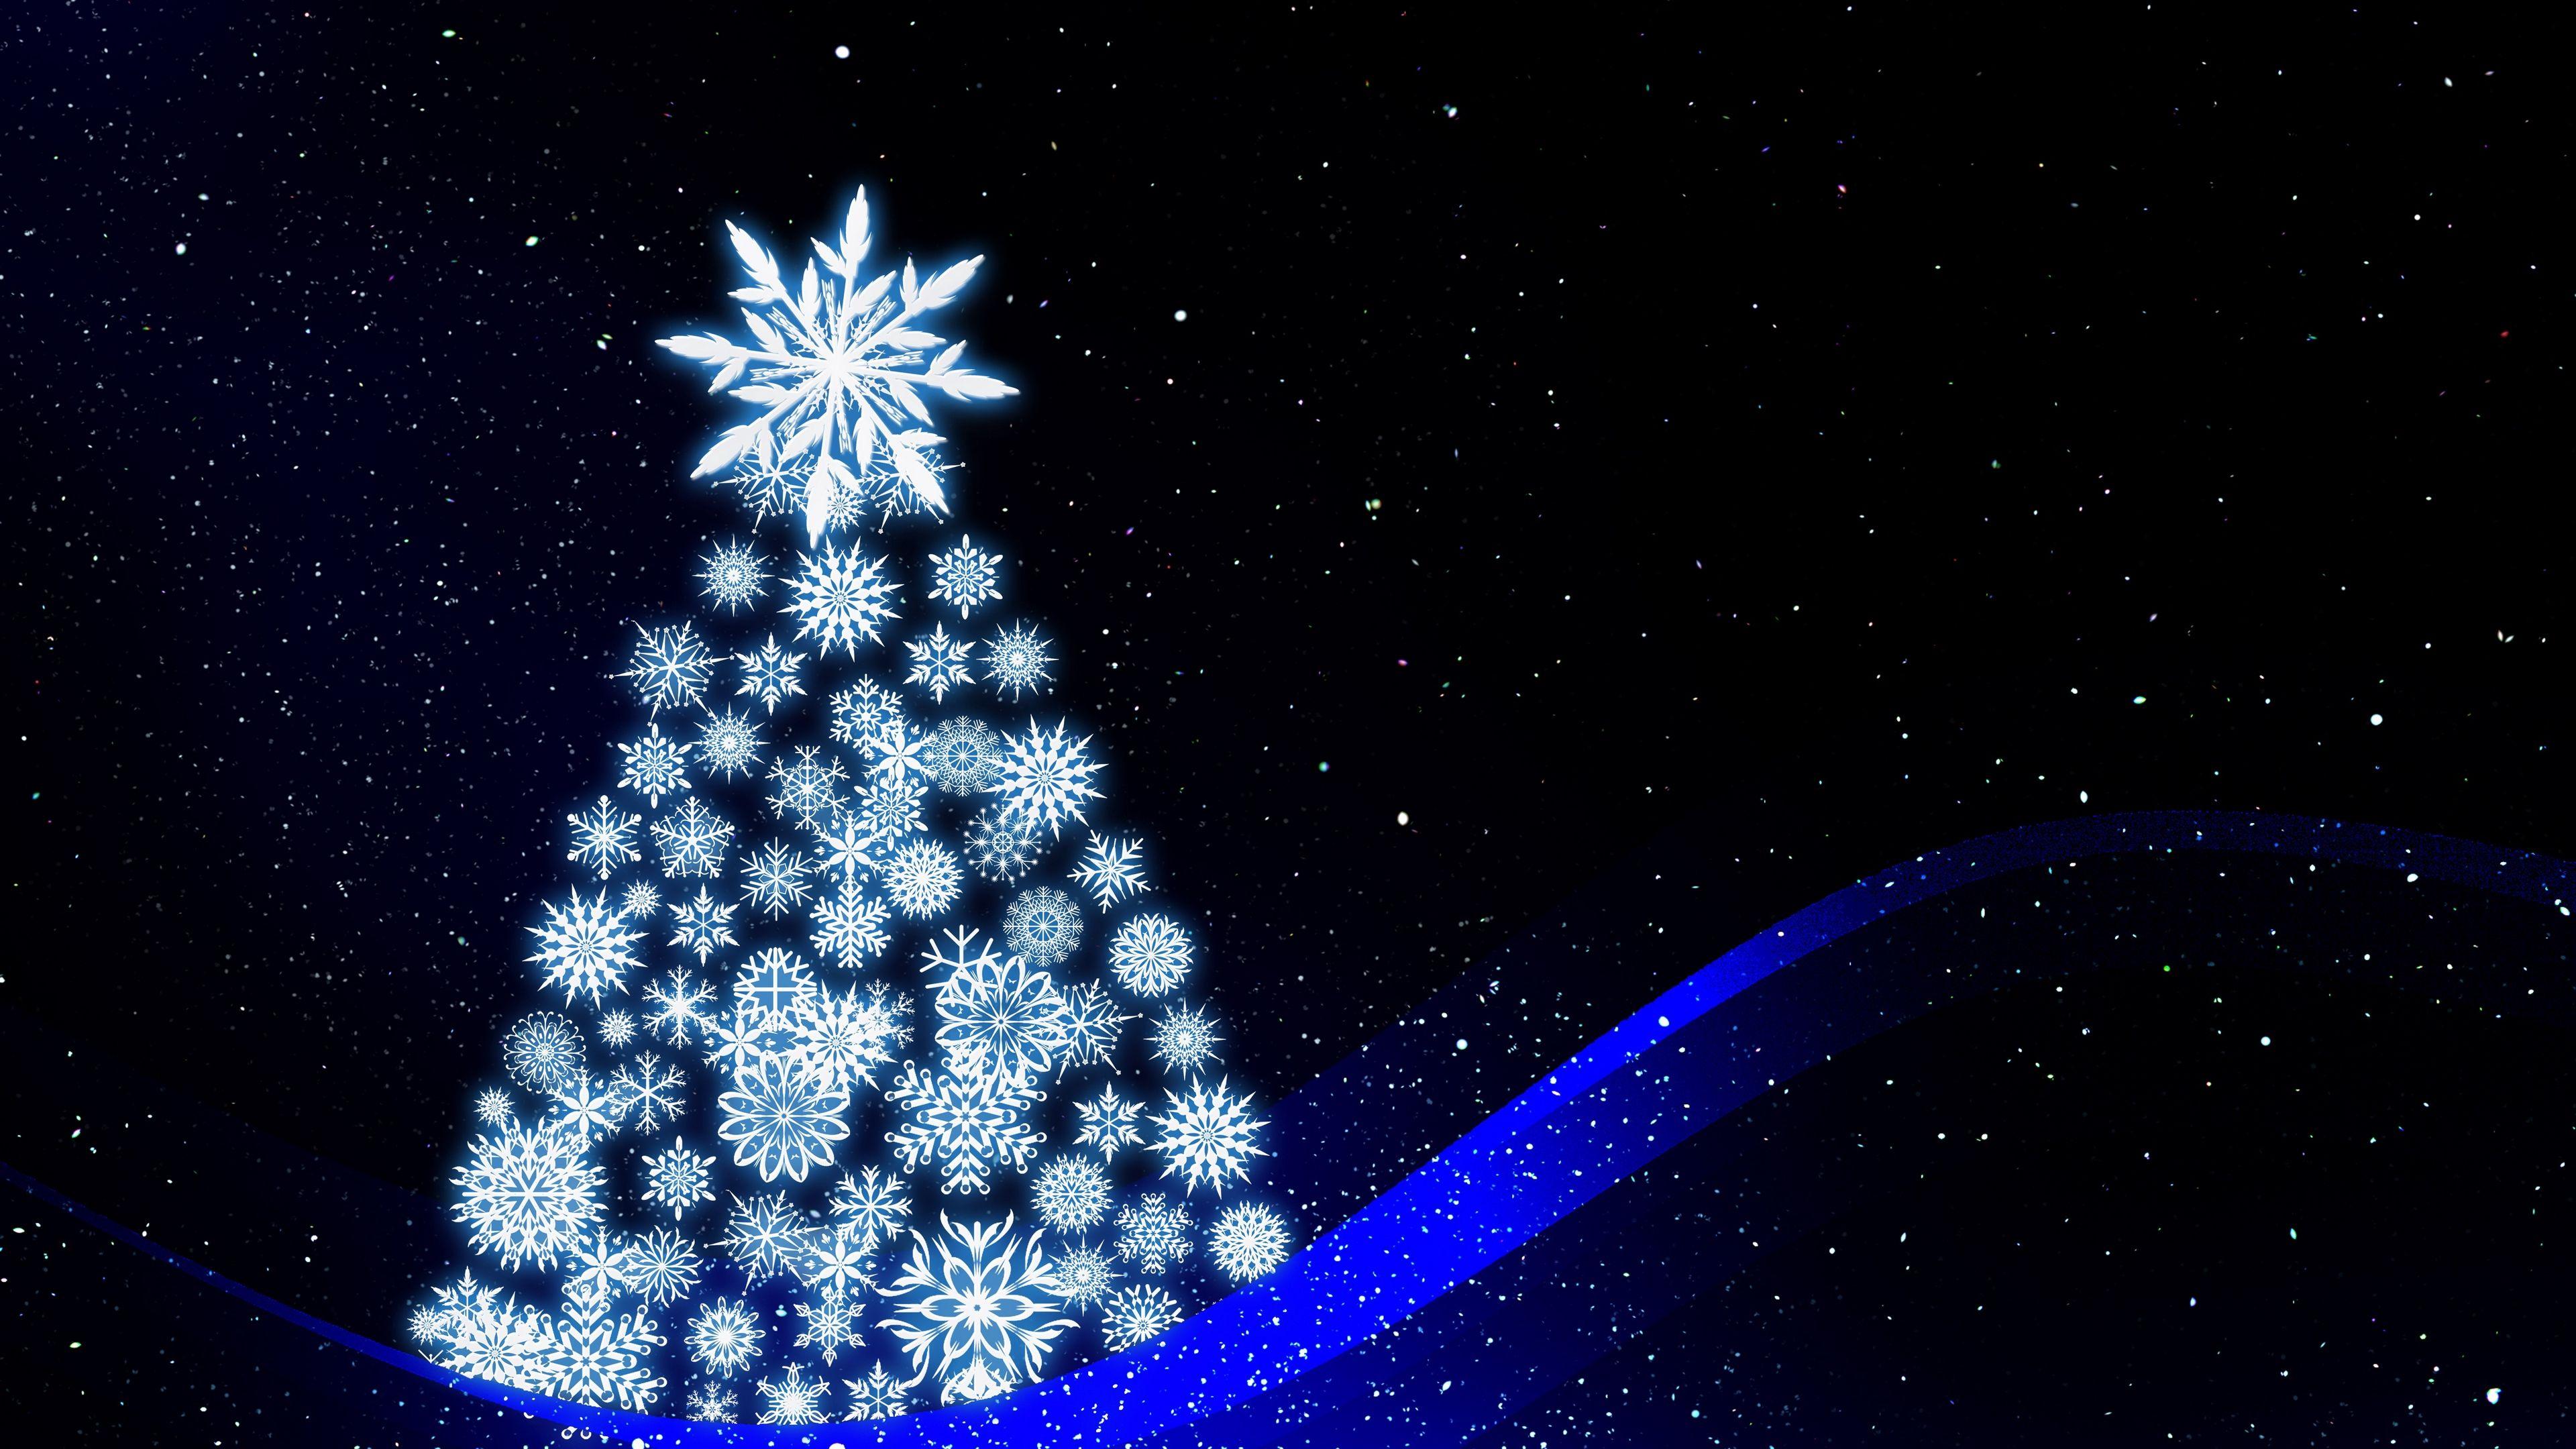 Christmas Tree Art New Year 4k New Year Christmas Tree Art Christmas Tree Wallpaper Tree Wallpaper Christmas Tree Art